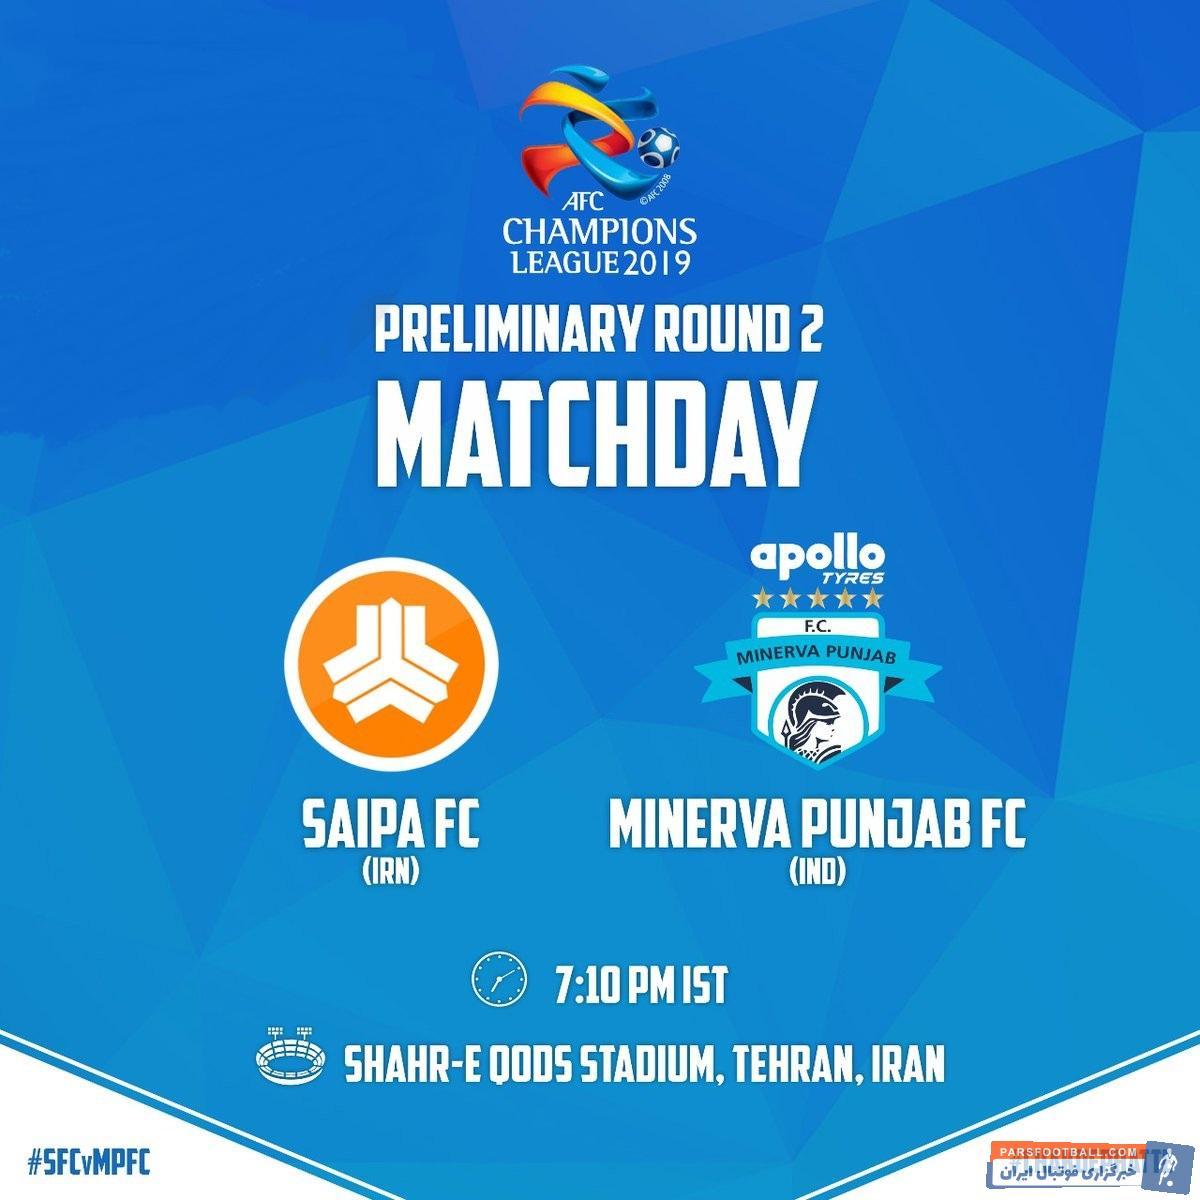 ذوبآهن و سایپا ایران امروز در مرحله مقدماتی لیگ قهرمانان آسیا به ترتیب برابر الکویت کویت و پنجاب هند قرار میگیرند تا به مرحله پلیآف برسند.